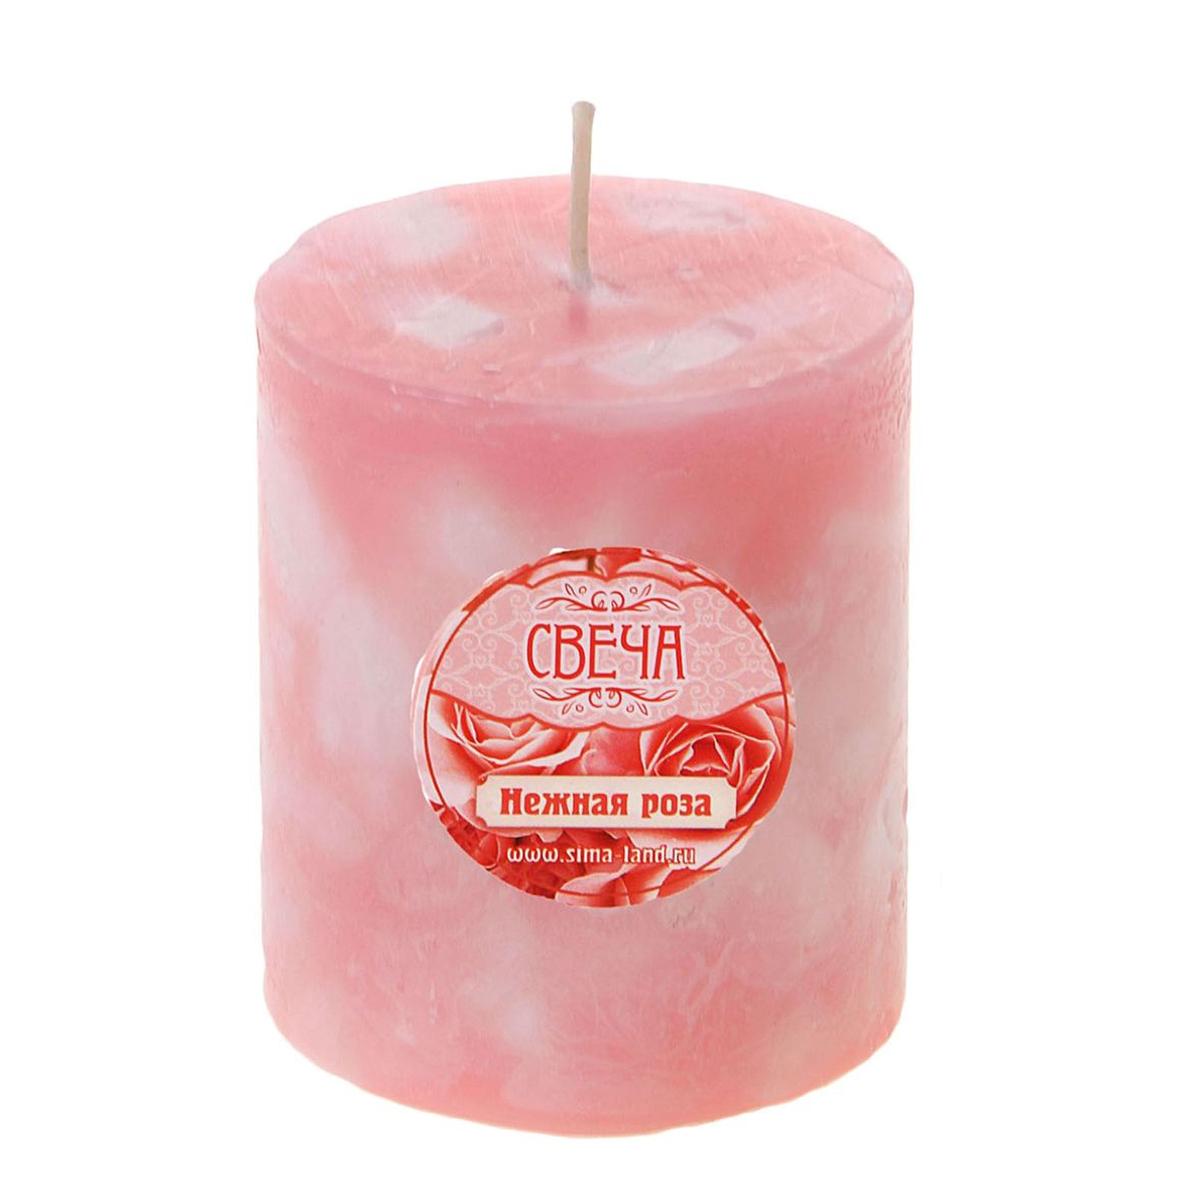 Свеча ароматизированная Sima-land Нежная роза, высота 7 см sima land свеча с мишкой с днем рождения 7 4 5 х 7 см 1003758